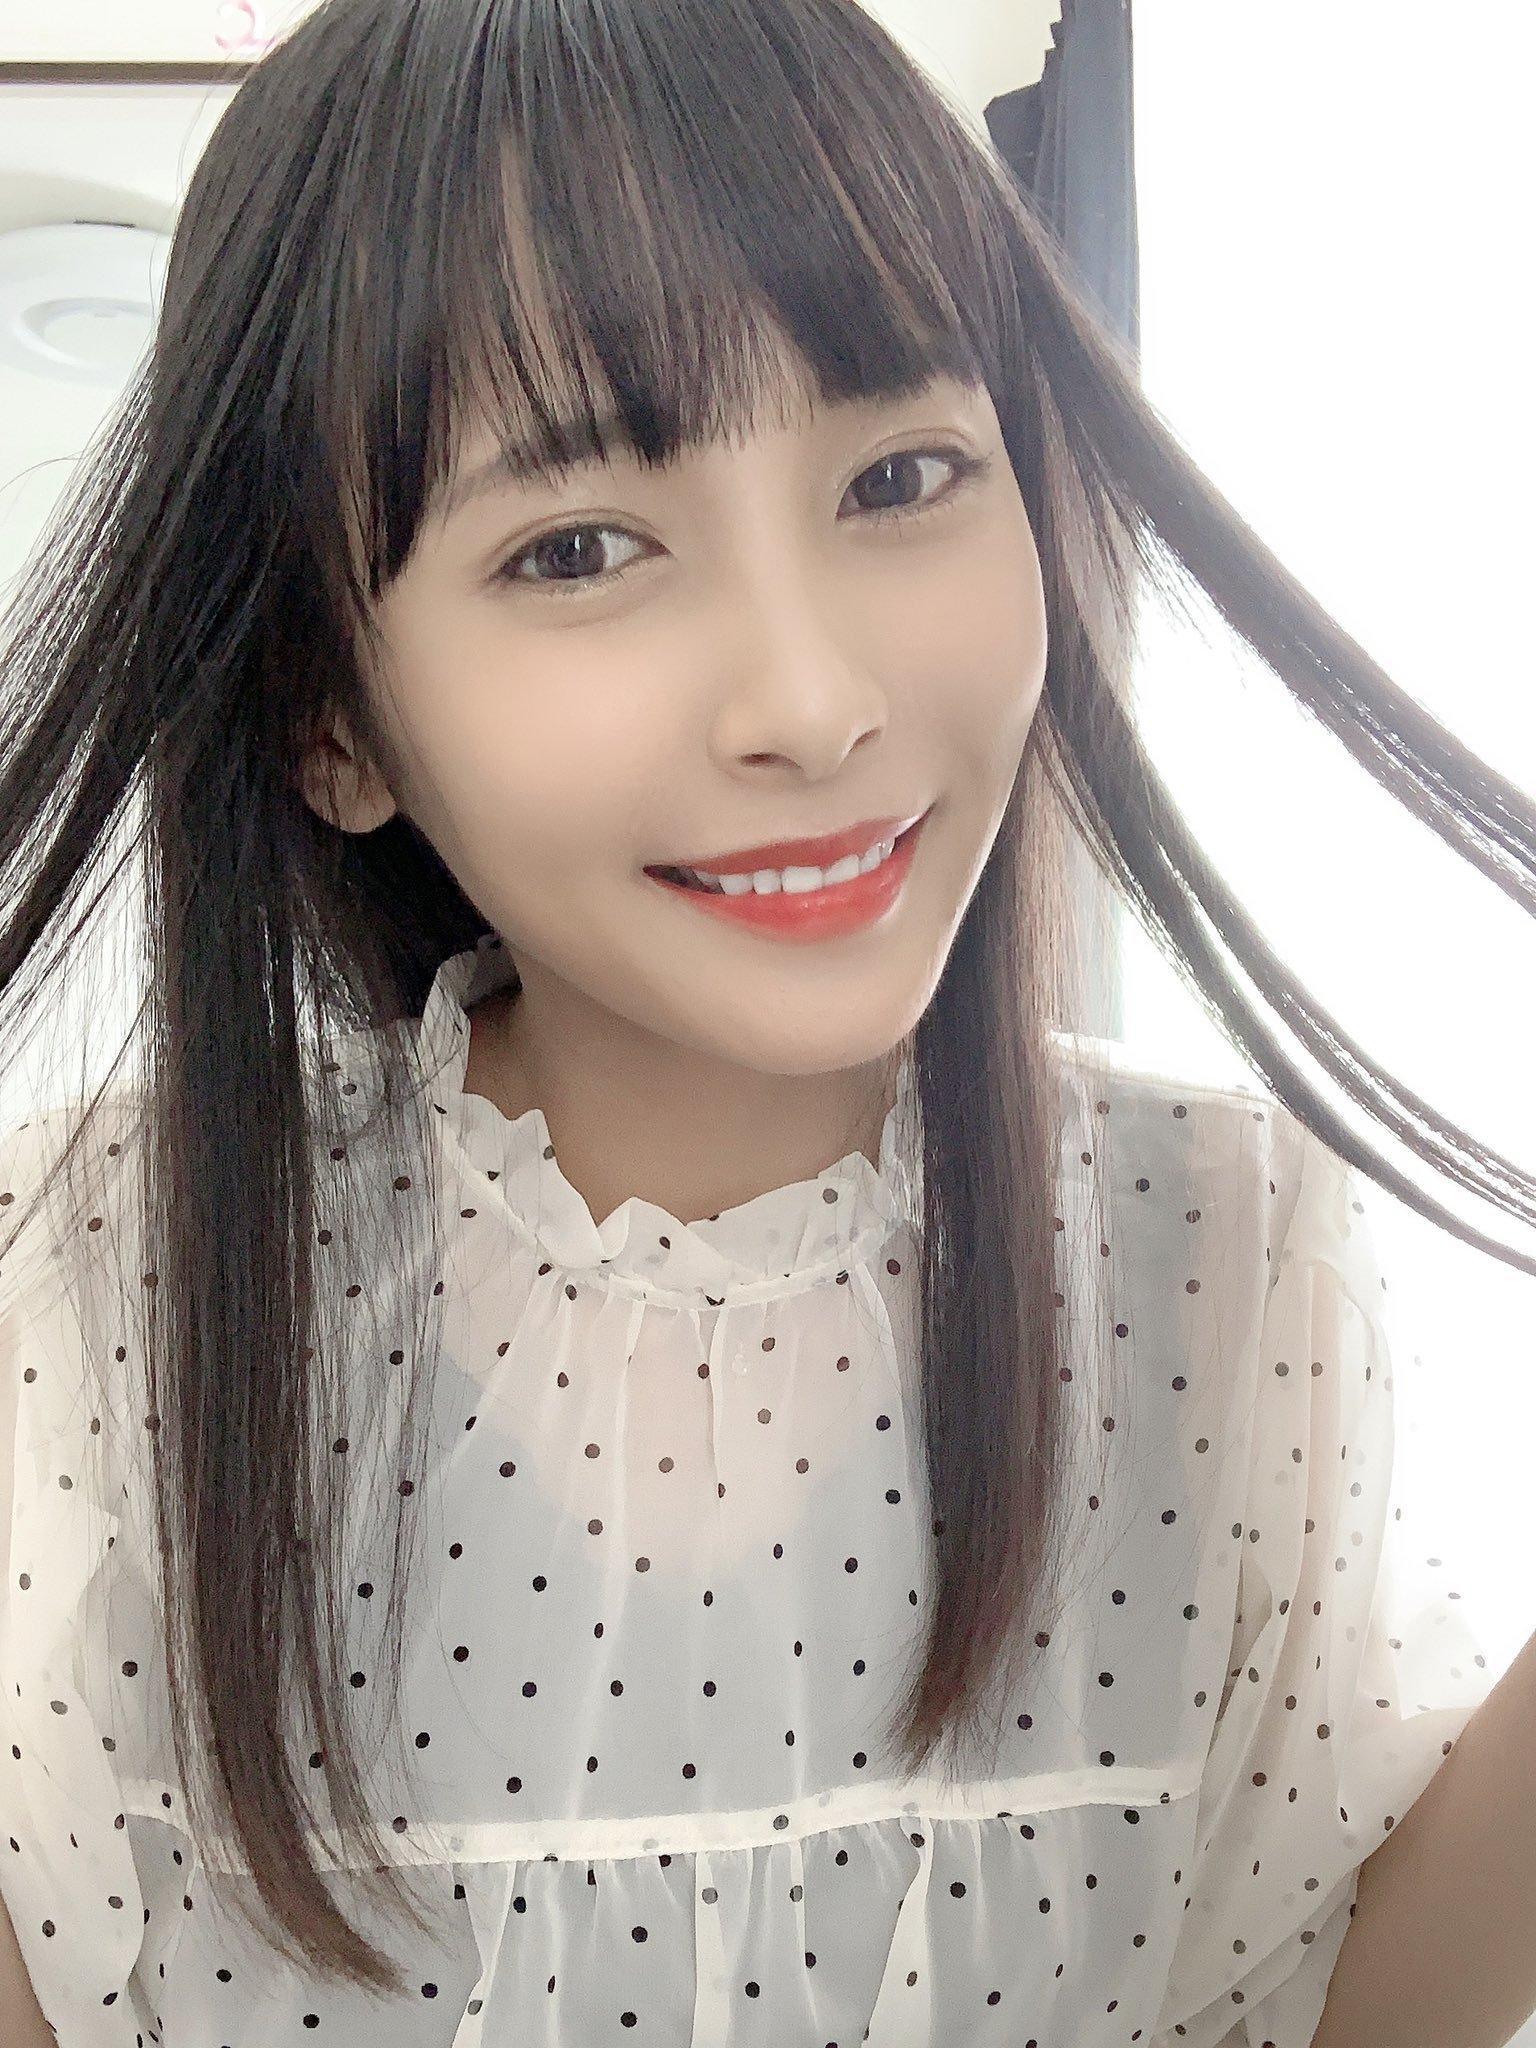 深田咏美再现魅魔 葵铃奈瘦小水着插图(27)